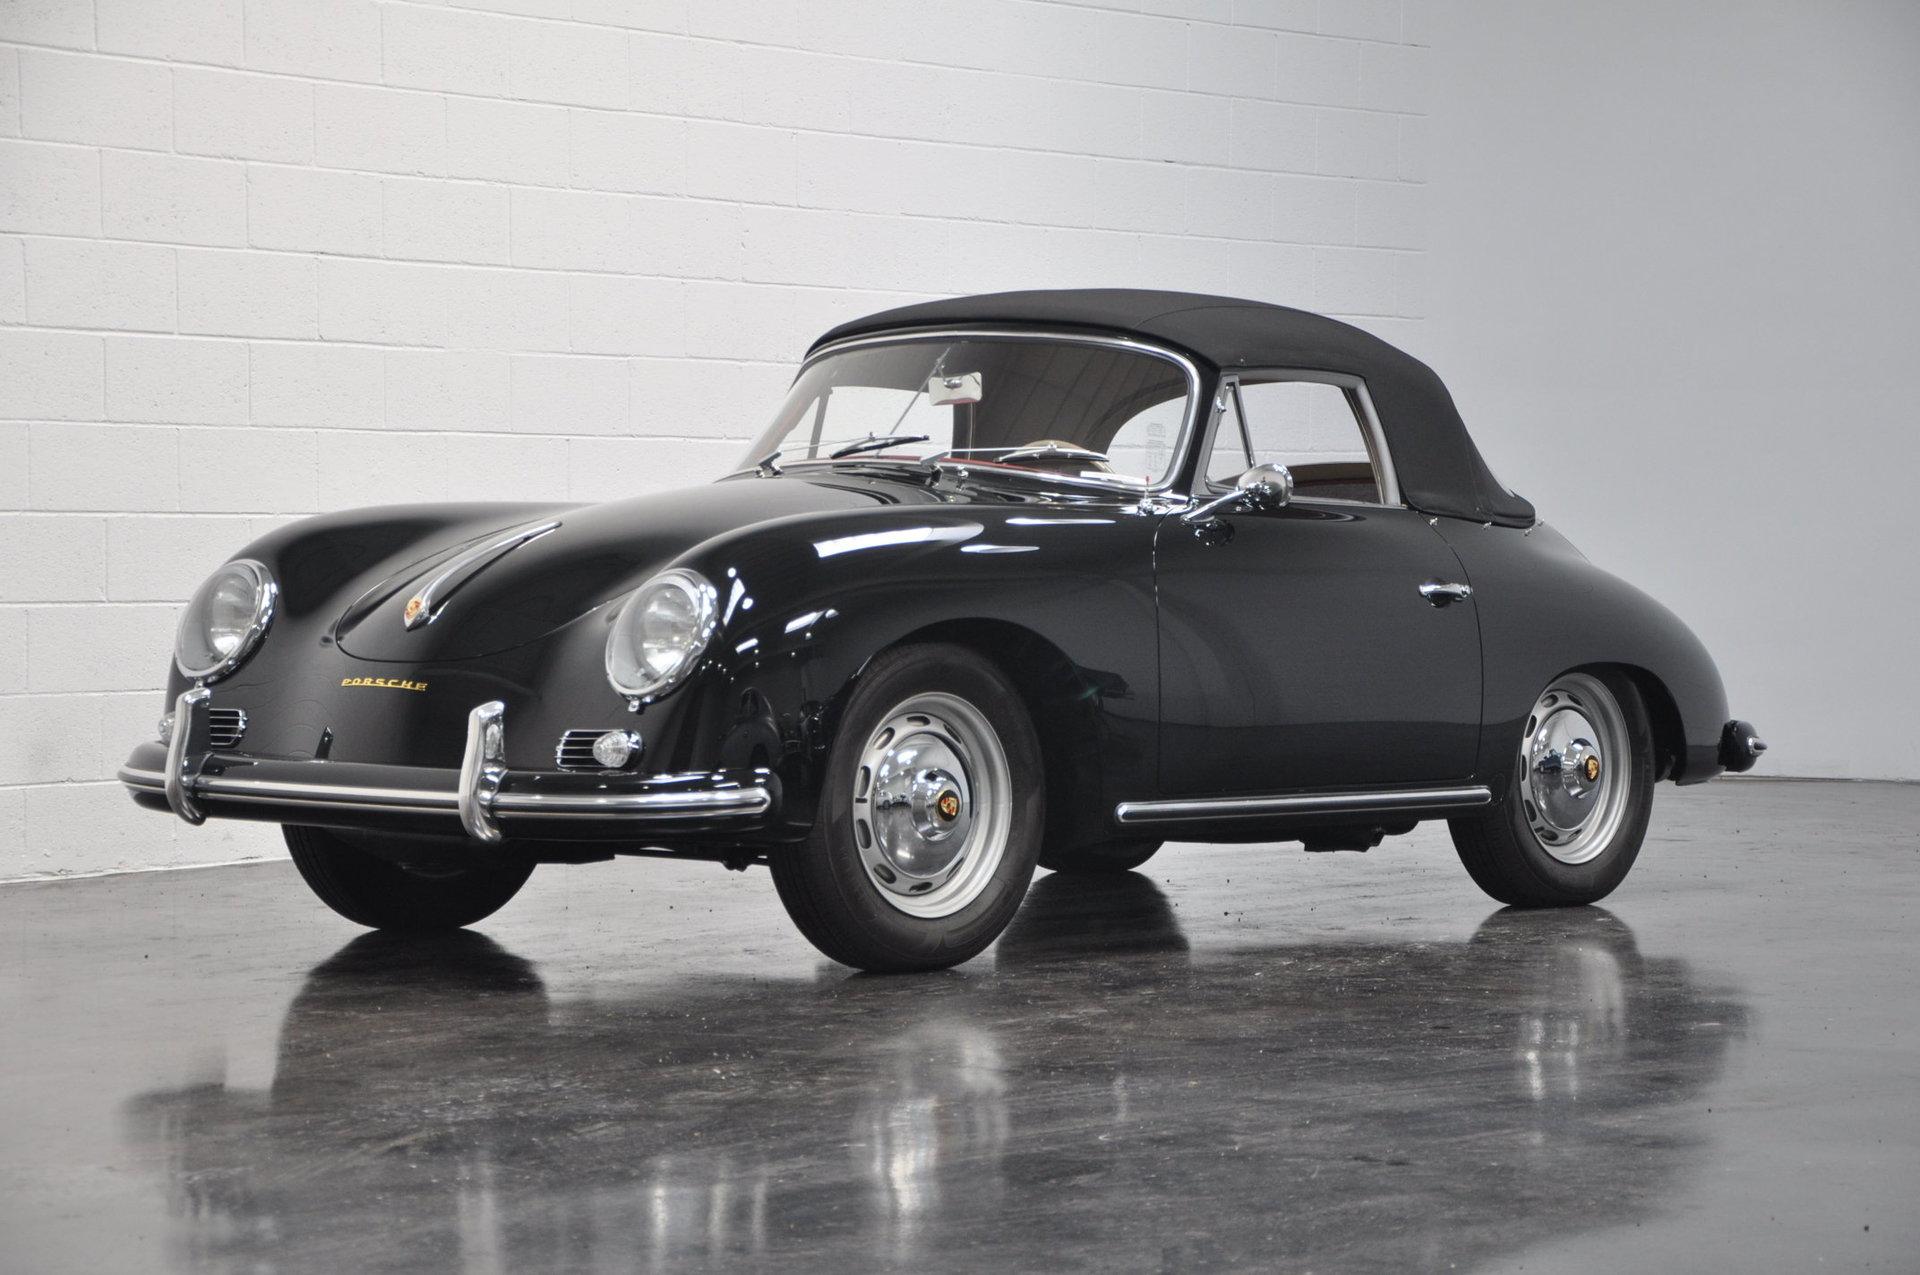 1958 porsche 356a super cabriolet for sale 80794 mcg. Black Bedroom Furniture Sets. Home Design Ideas